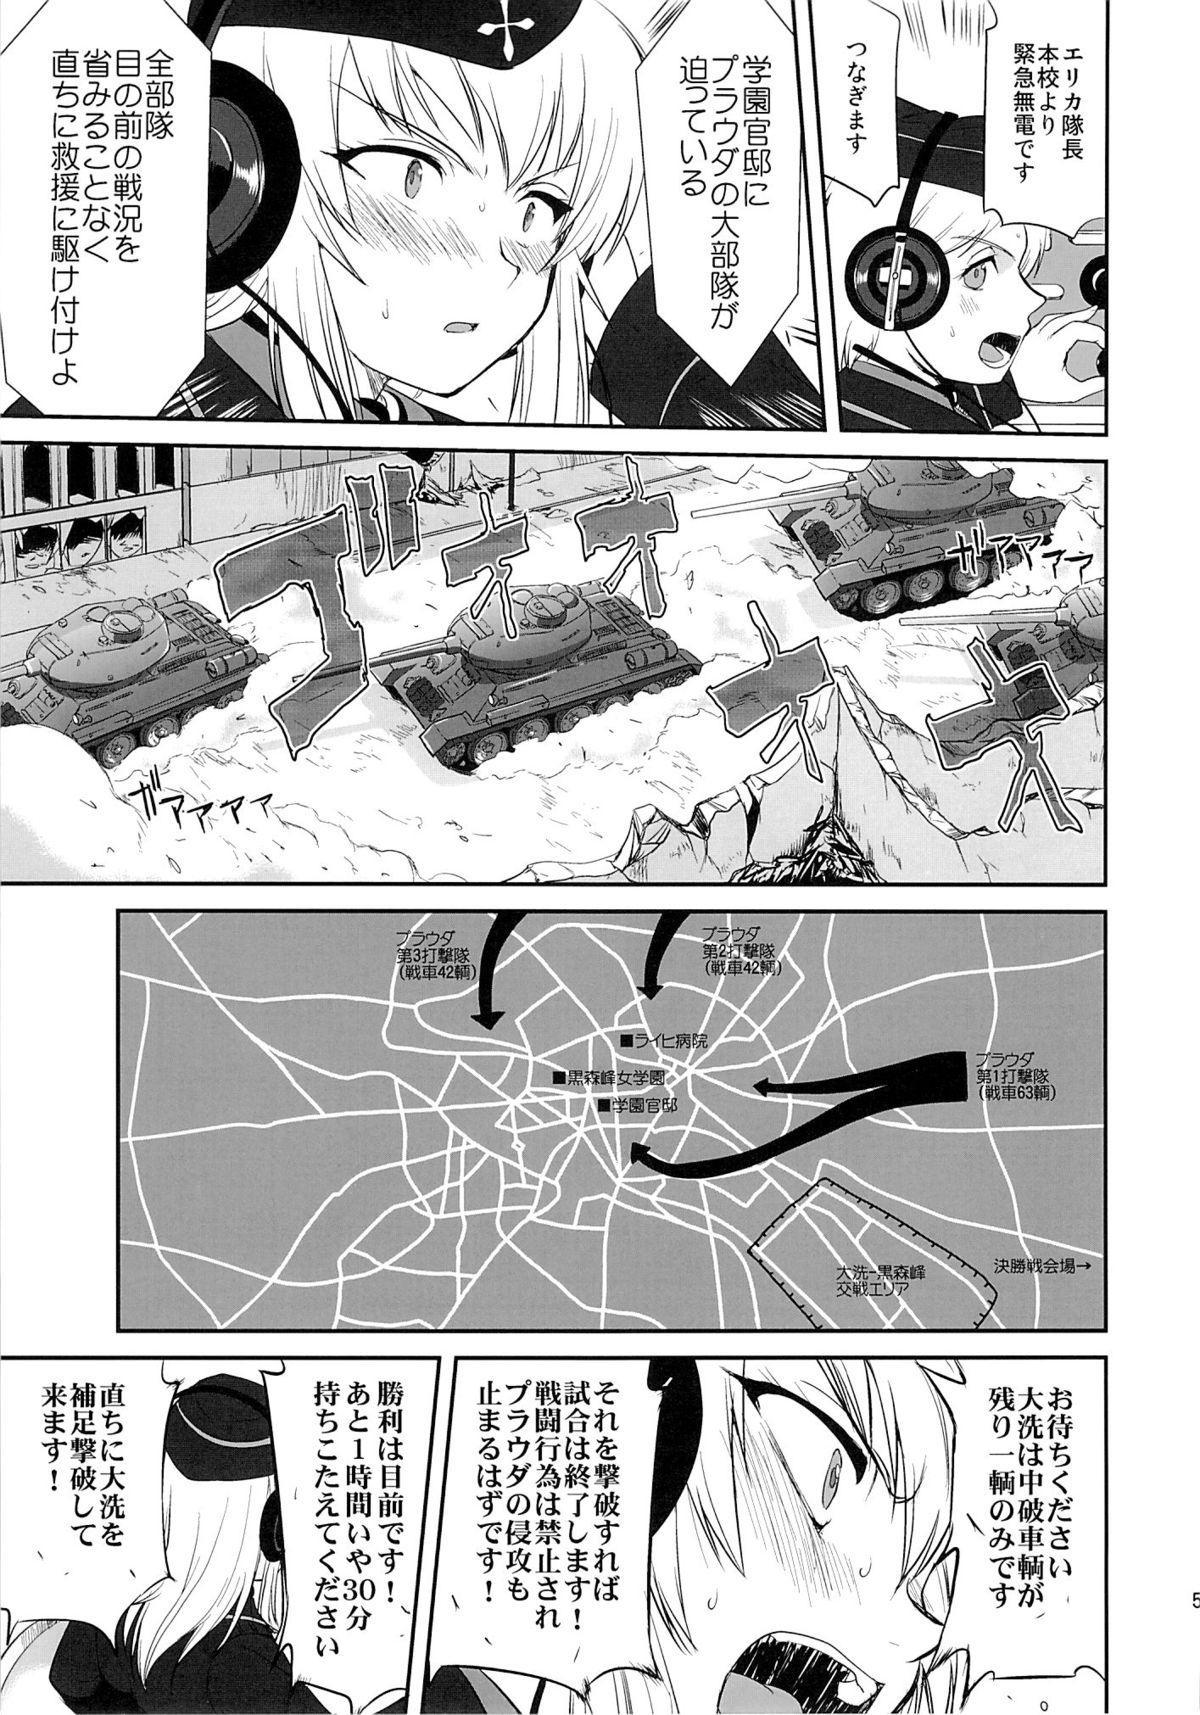 Yukiyukite Senshadou Kuromorimine no Tatakai 49